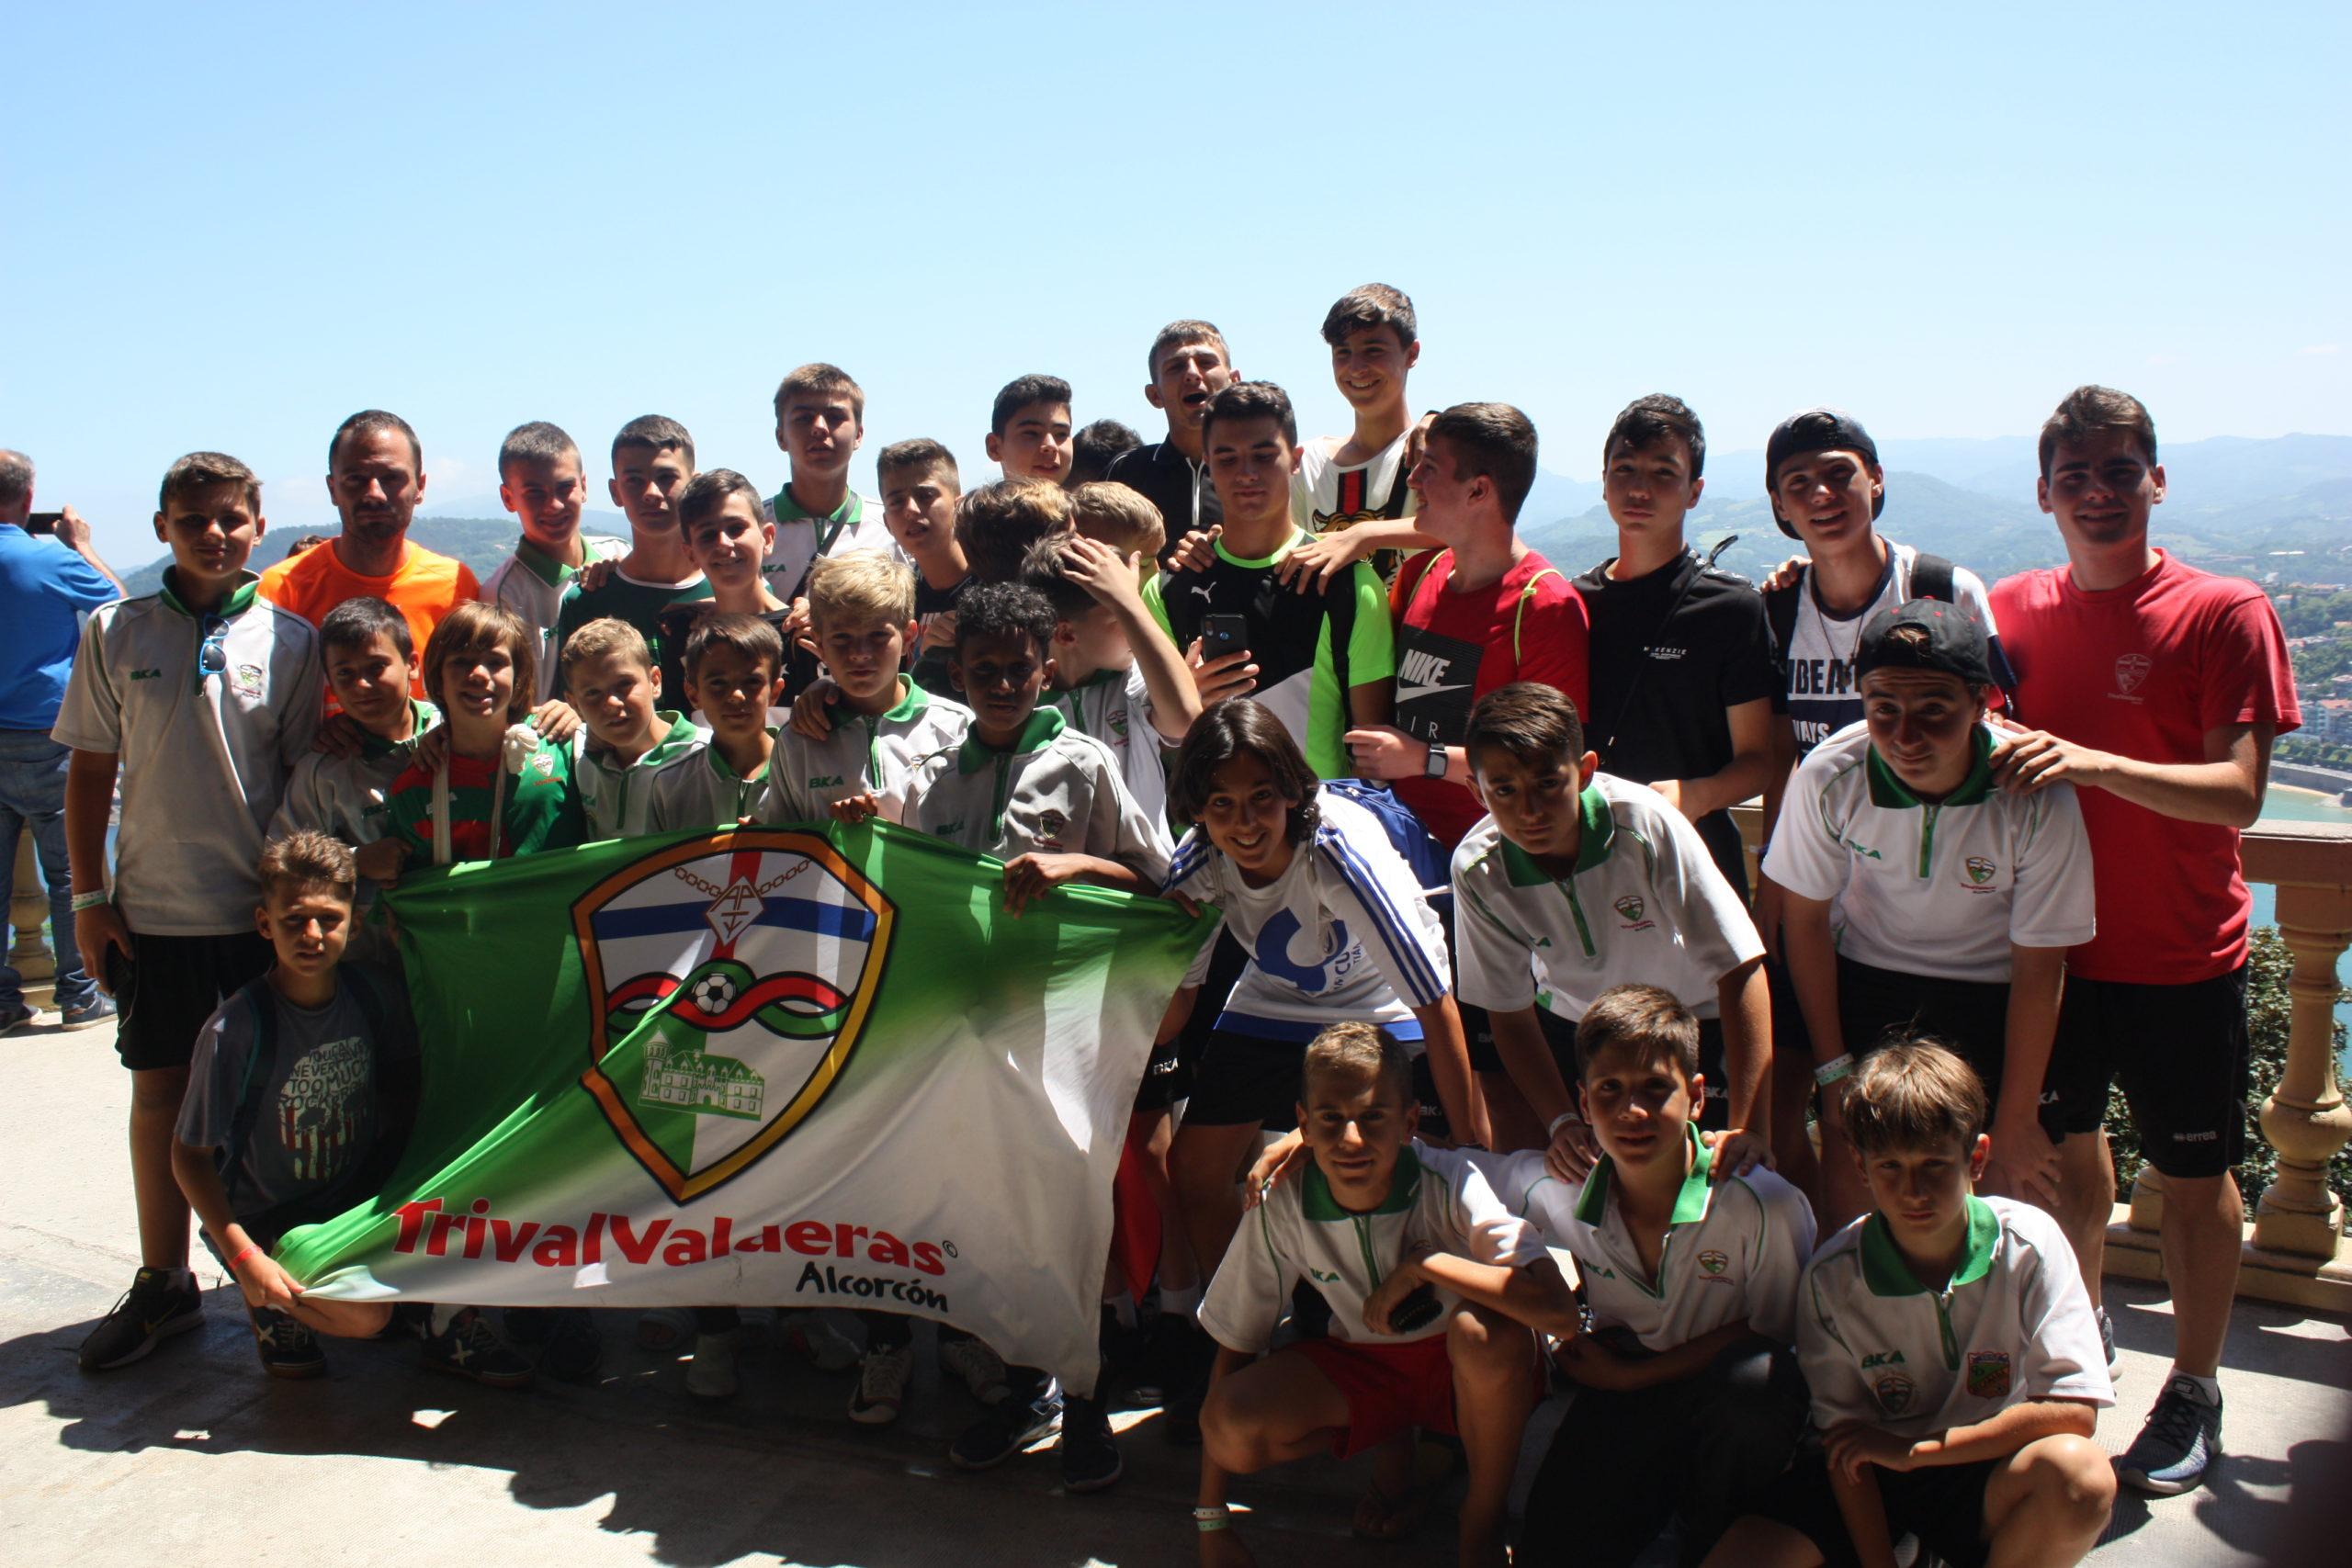 Últimos días en Donosti Cup: Más fútbol, Monte Urgull, La Concha y Monte Igueldo